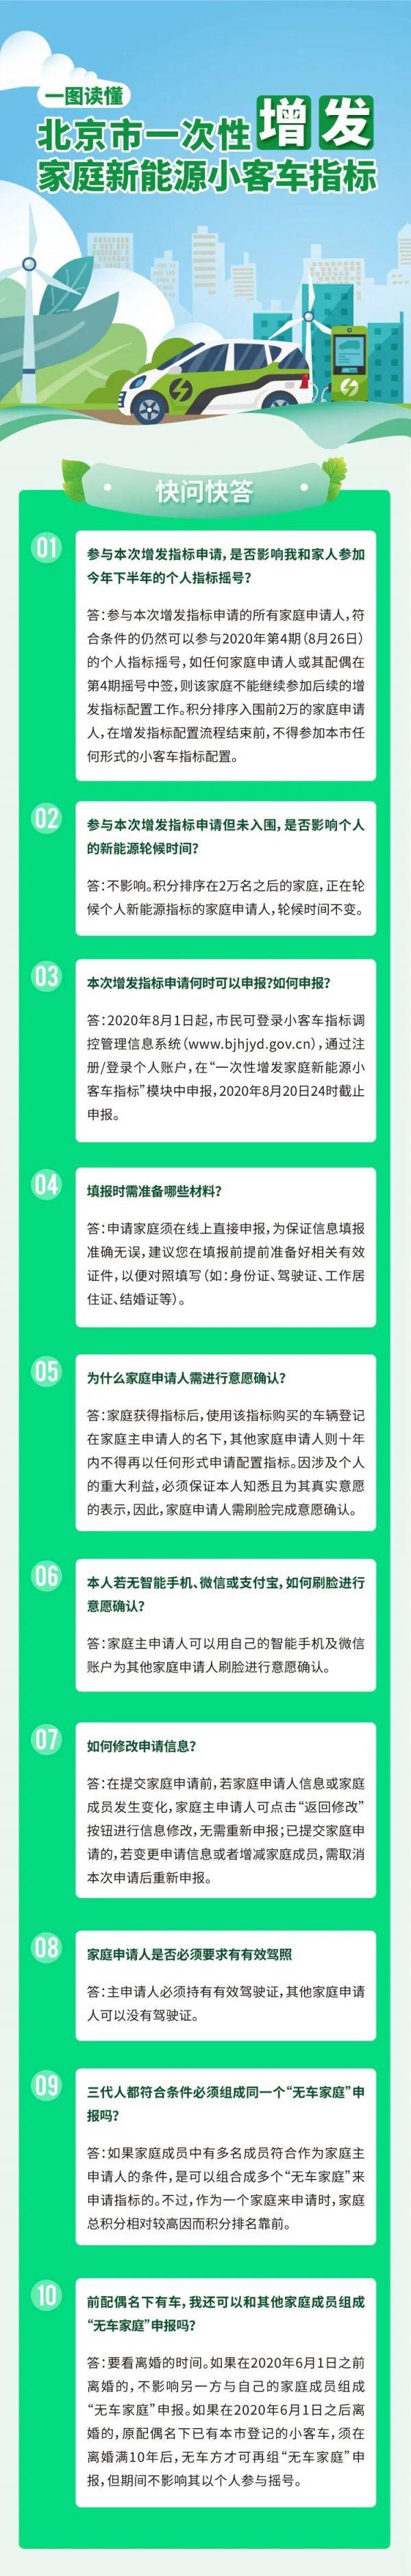 图解:北京市一次性增发家庭新能源小客车指标快问快答.jpg